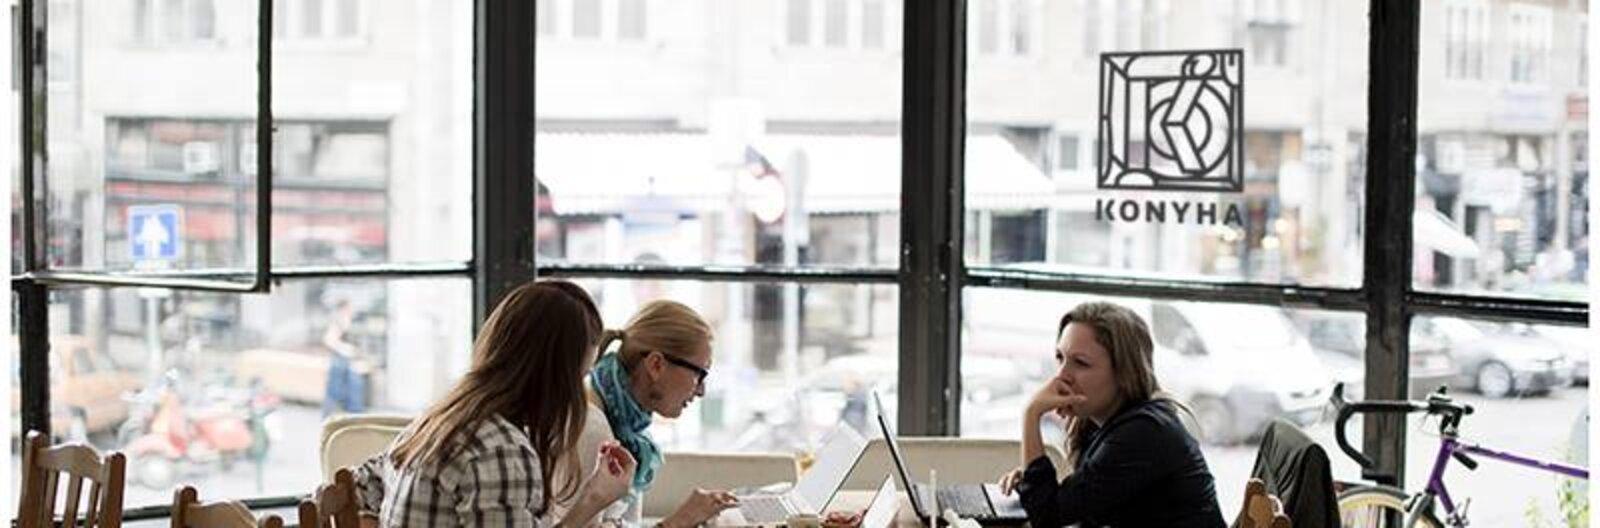 Laptoppal a belvárosban – 7 hangulatos hely tanuláshoz